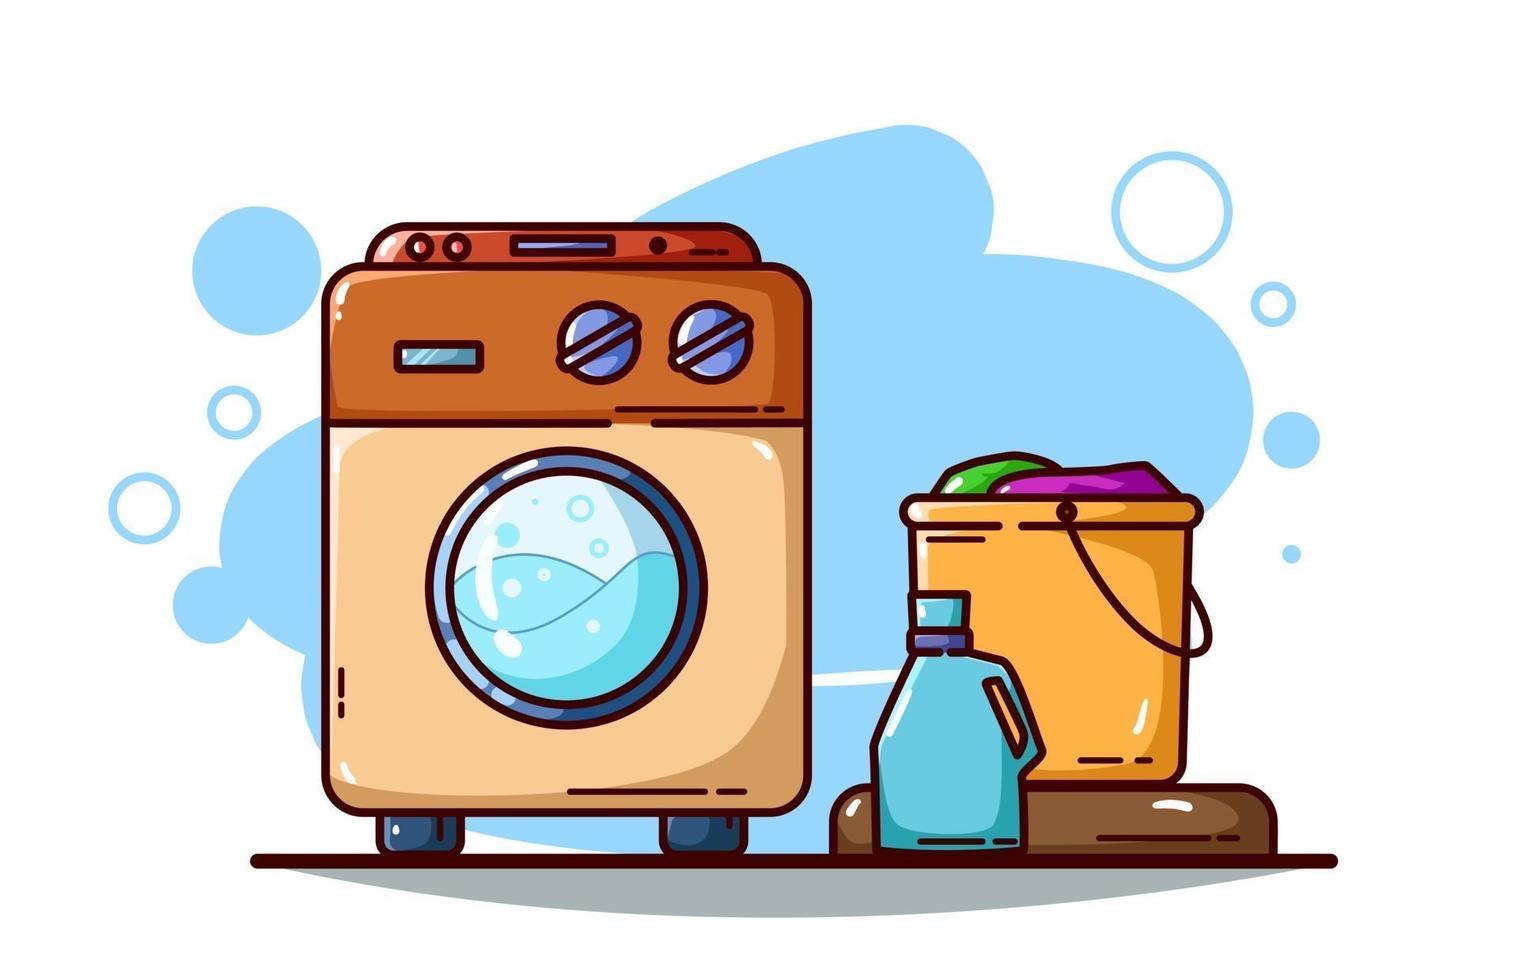 wasmachine, wasmiddel en kledingemmer illustratie vector